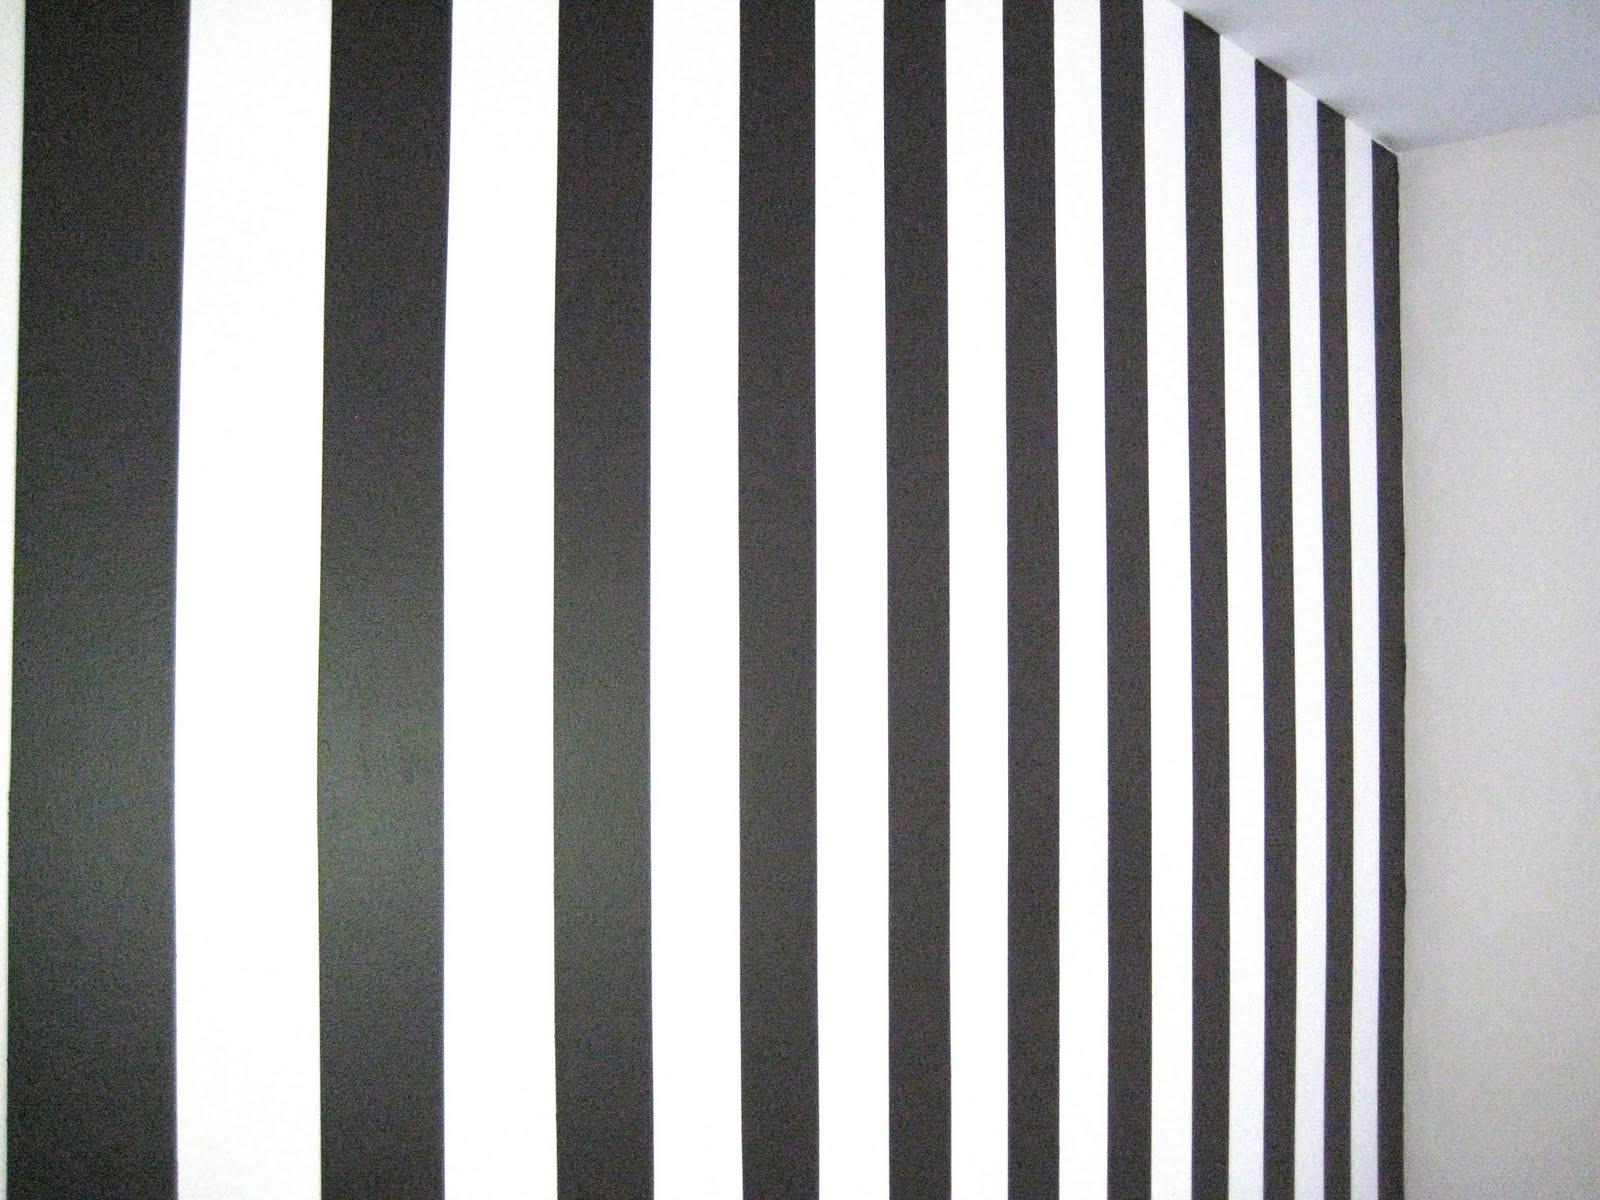 Striped Walls Rub N Buff